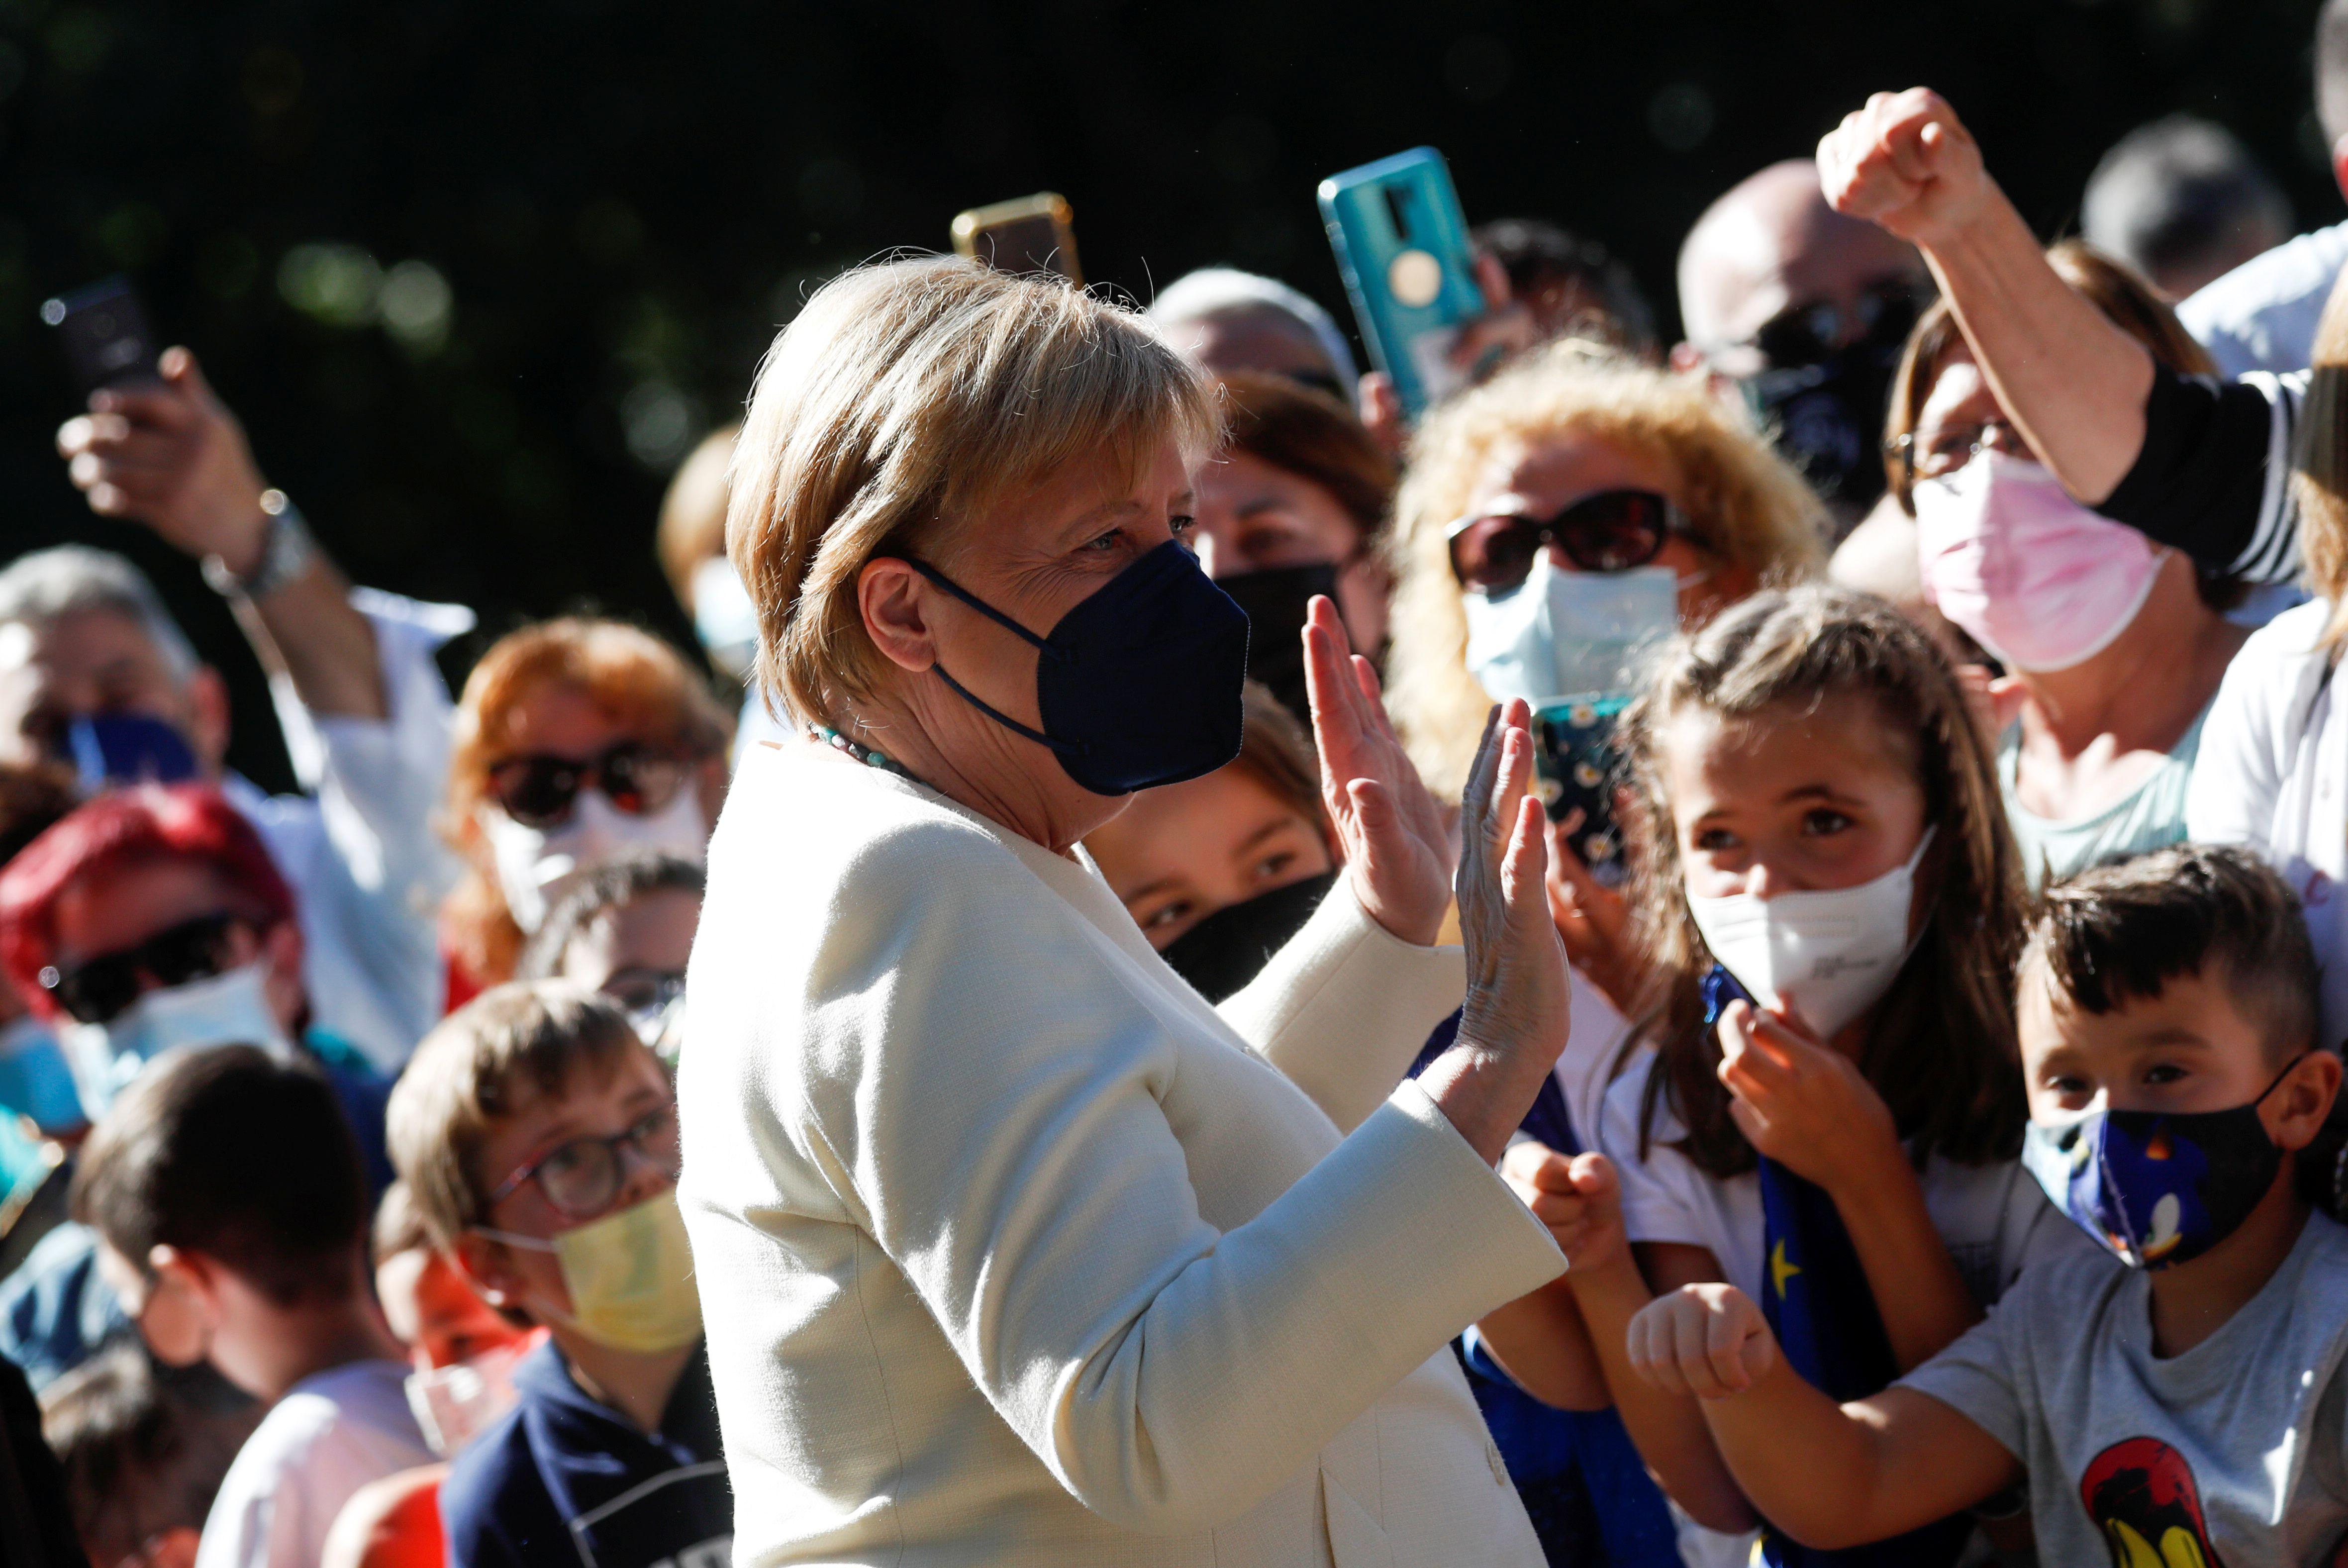 """La canciller alemana Angela Merkel saluda a las personas a su llegada para recibir el """"Premio Europeo Carlos V"""" en el Monasterio de Yuste, en la región occidental española de Cáceres, el 14 de octubre de 2021. REUTERS / Susana Vera"""